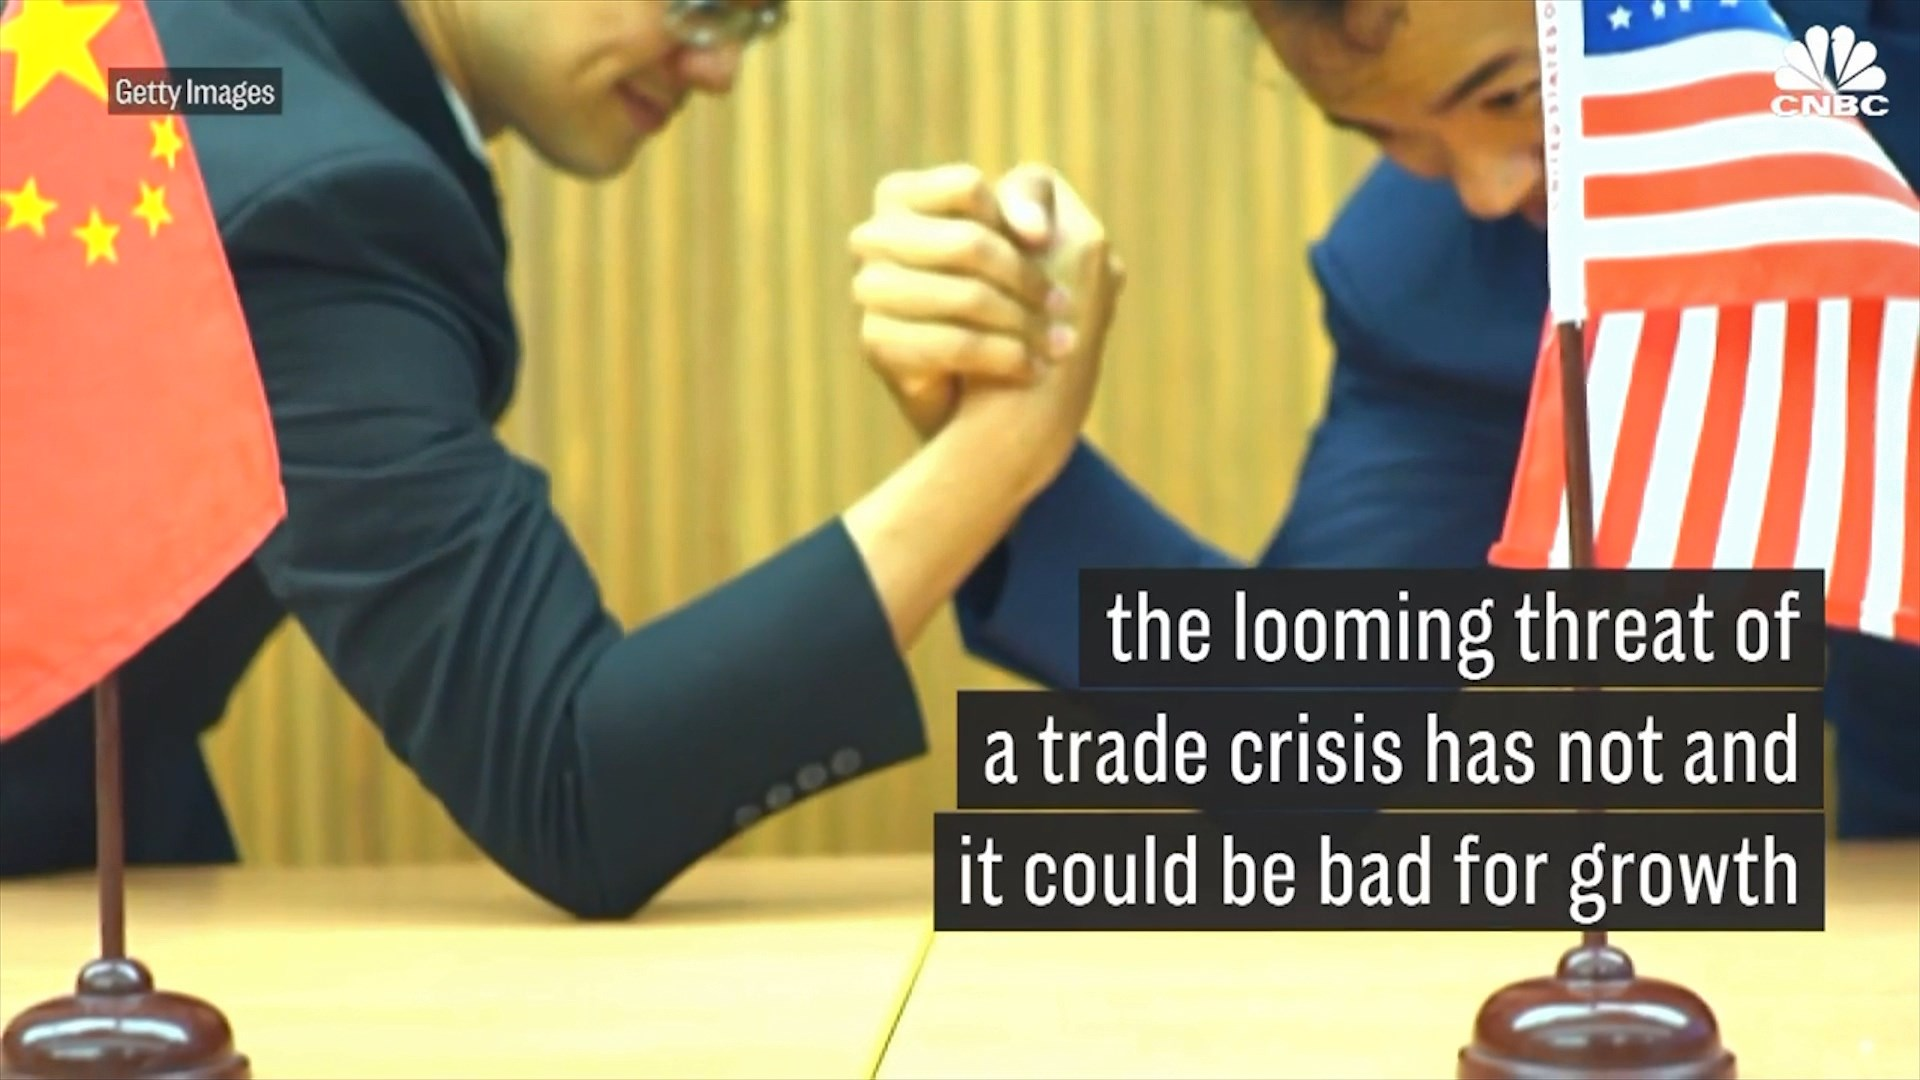 Marrëdhëniet tregtare, SHBA dhe Kina ulen në tryezë